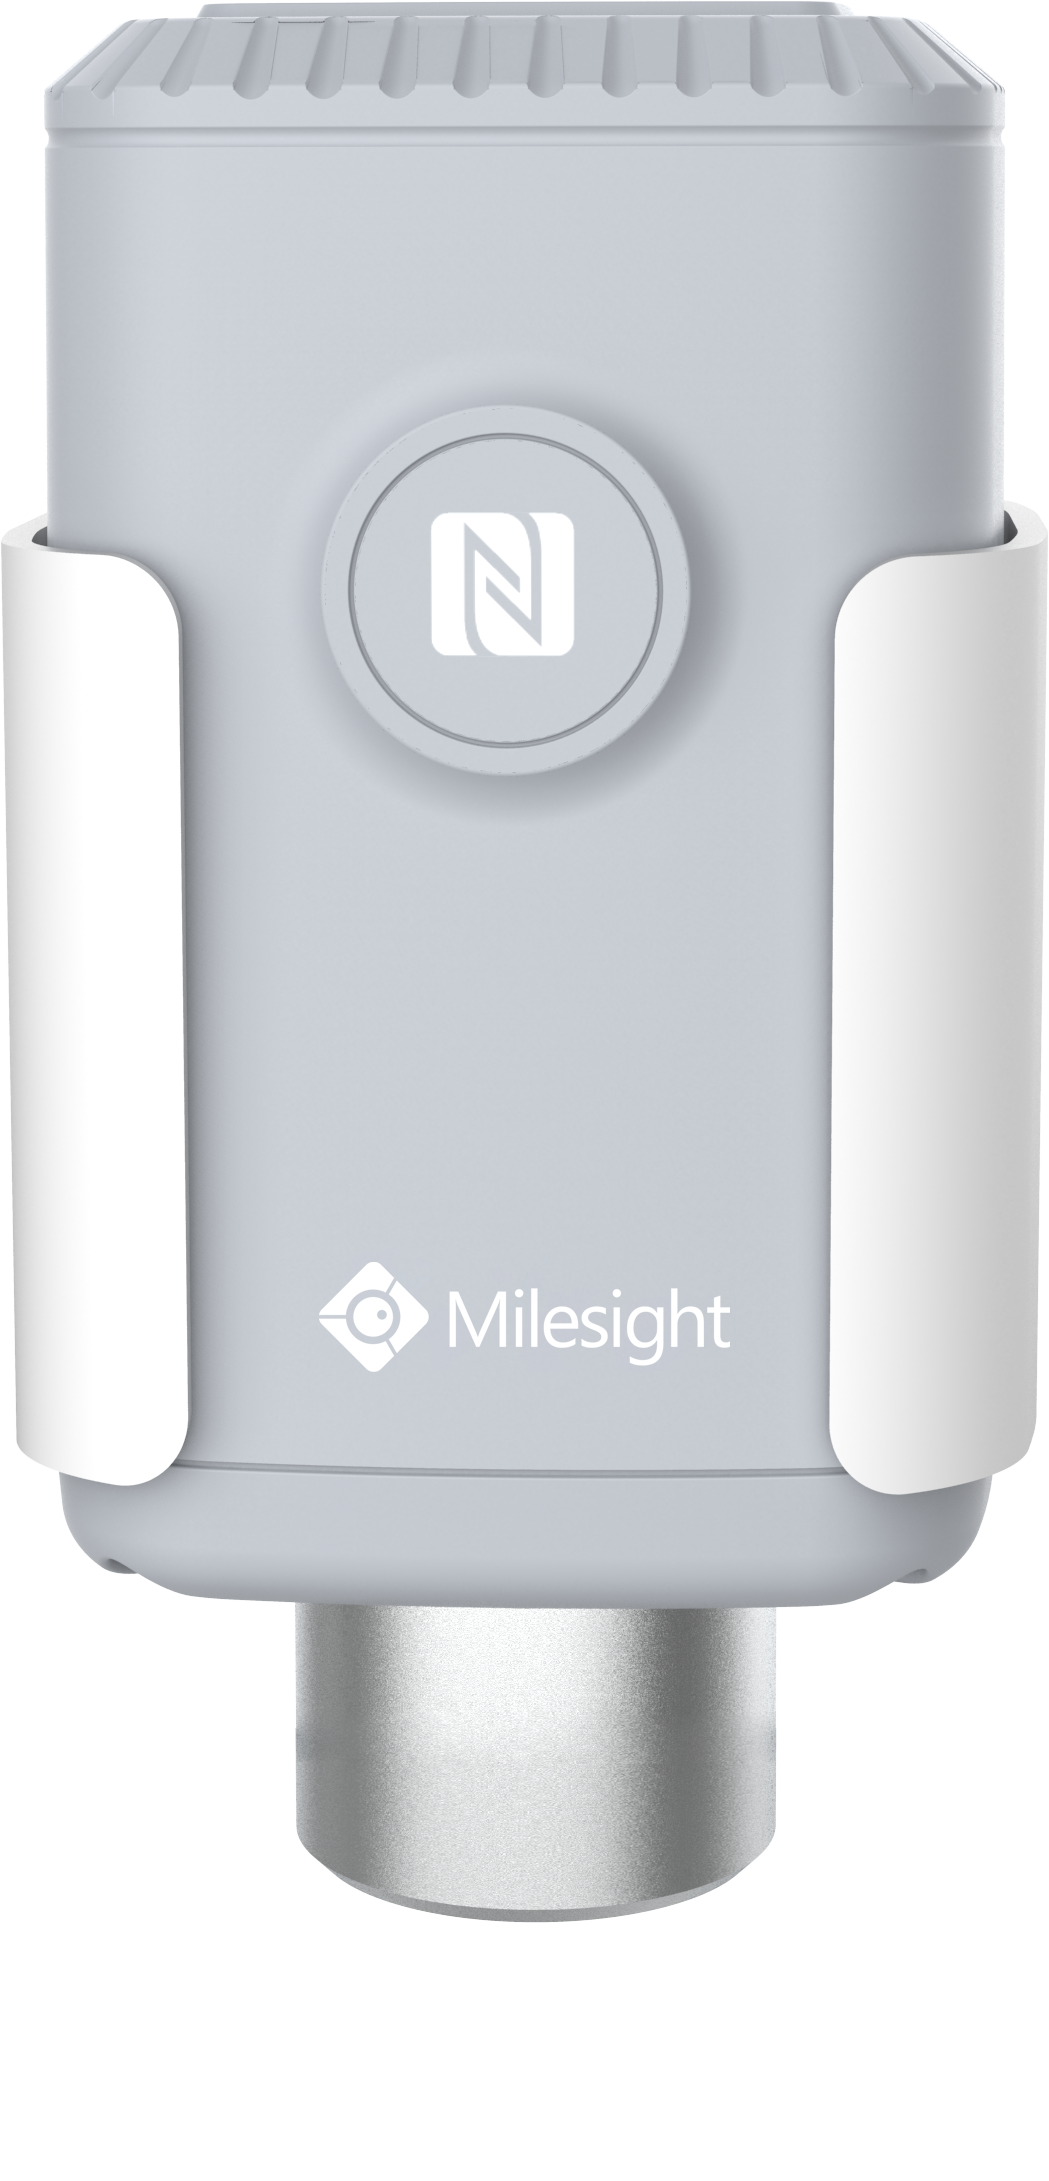 Milesight IoT EM500-CO2 Outdoor 4in1